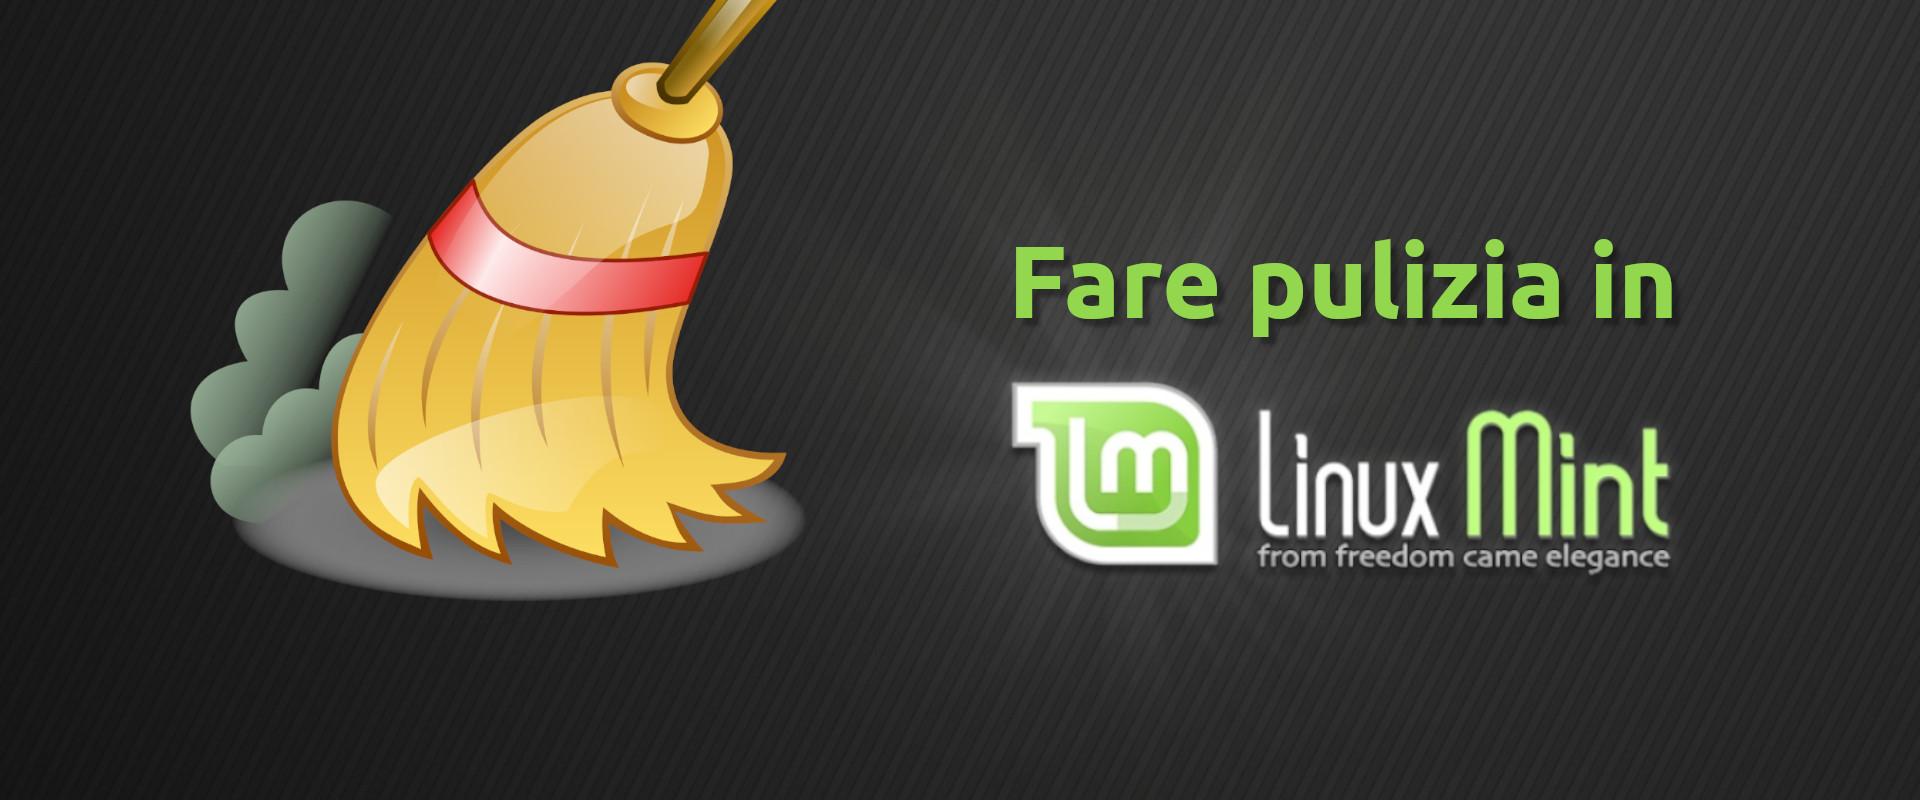 fare pulizia in Linux Mint